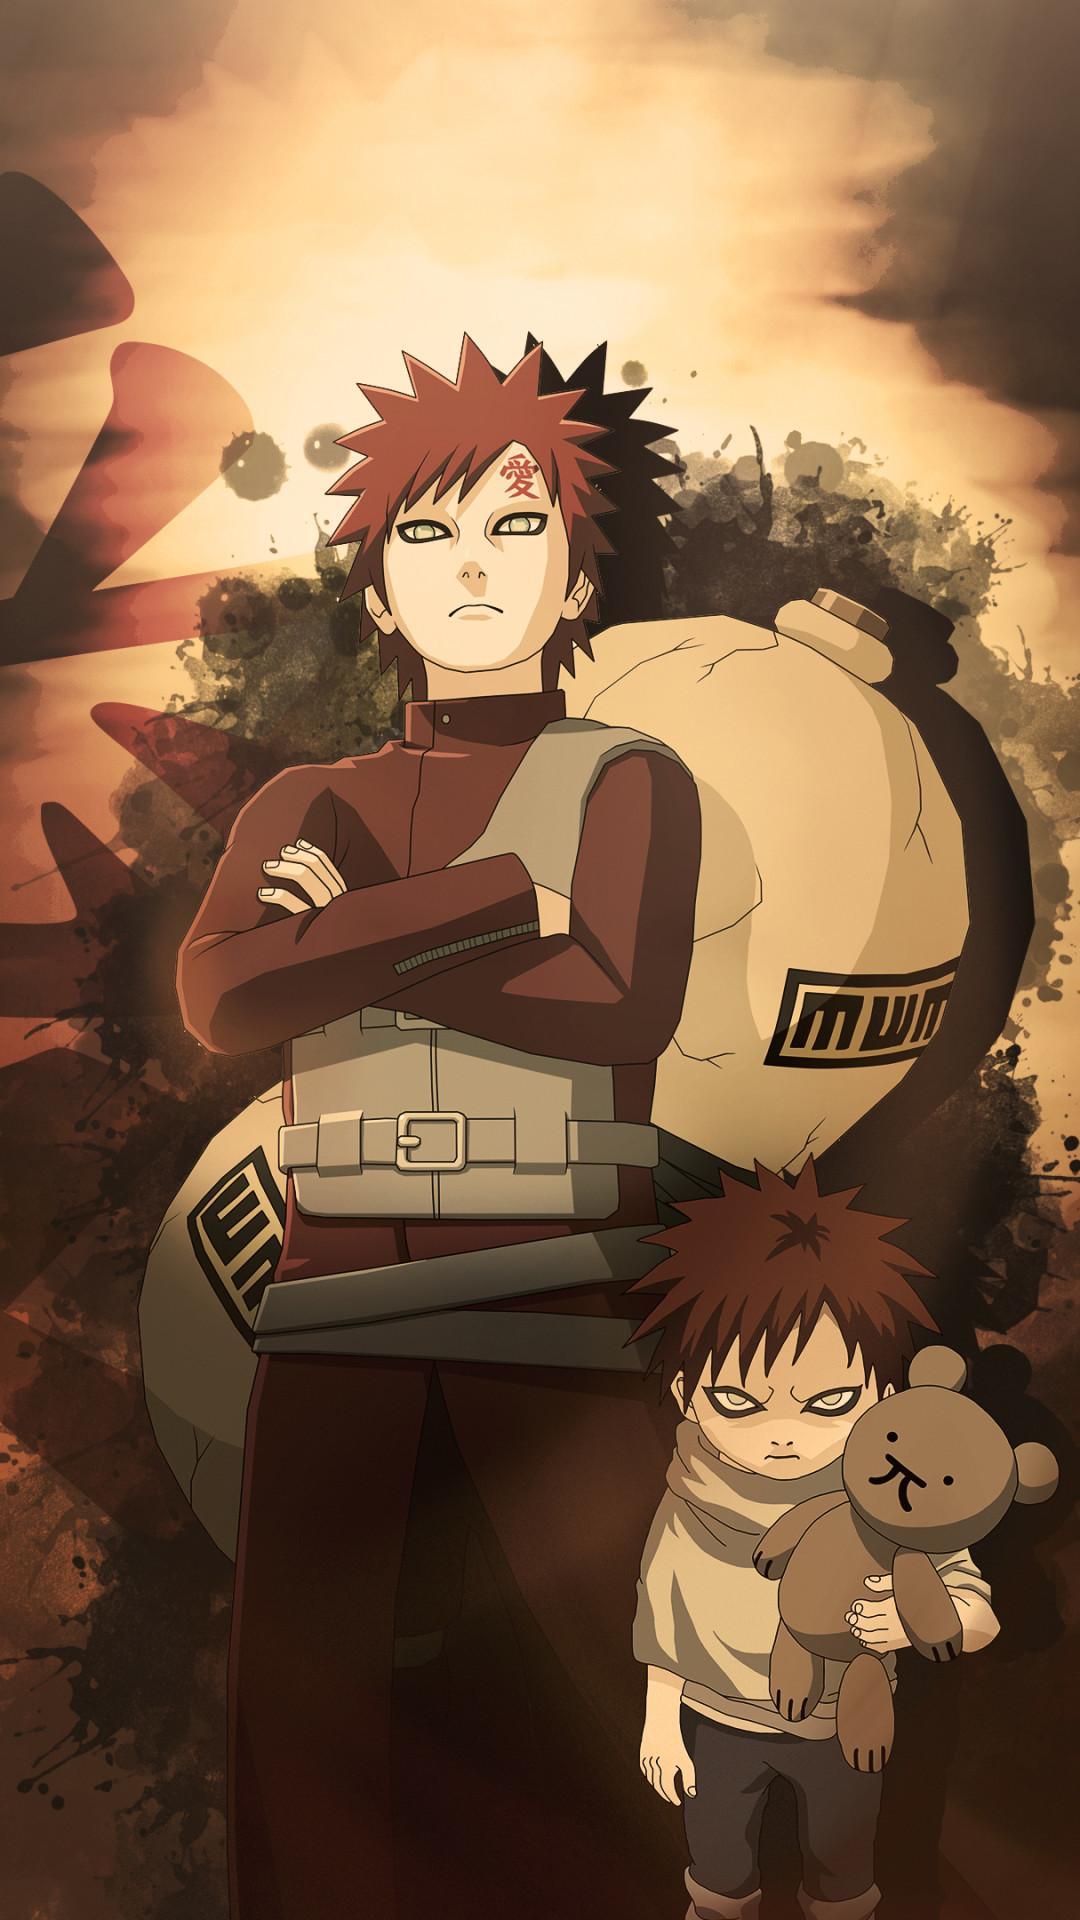 Download 700 Wallpaper Anime Naruto Keren Untuk Android HD Terbaik